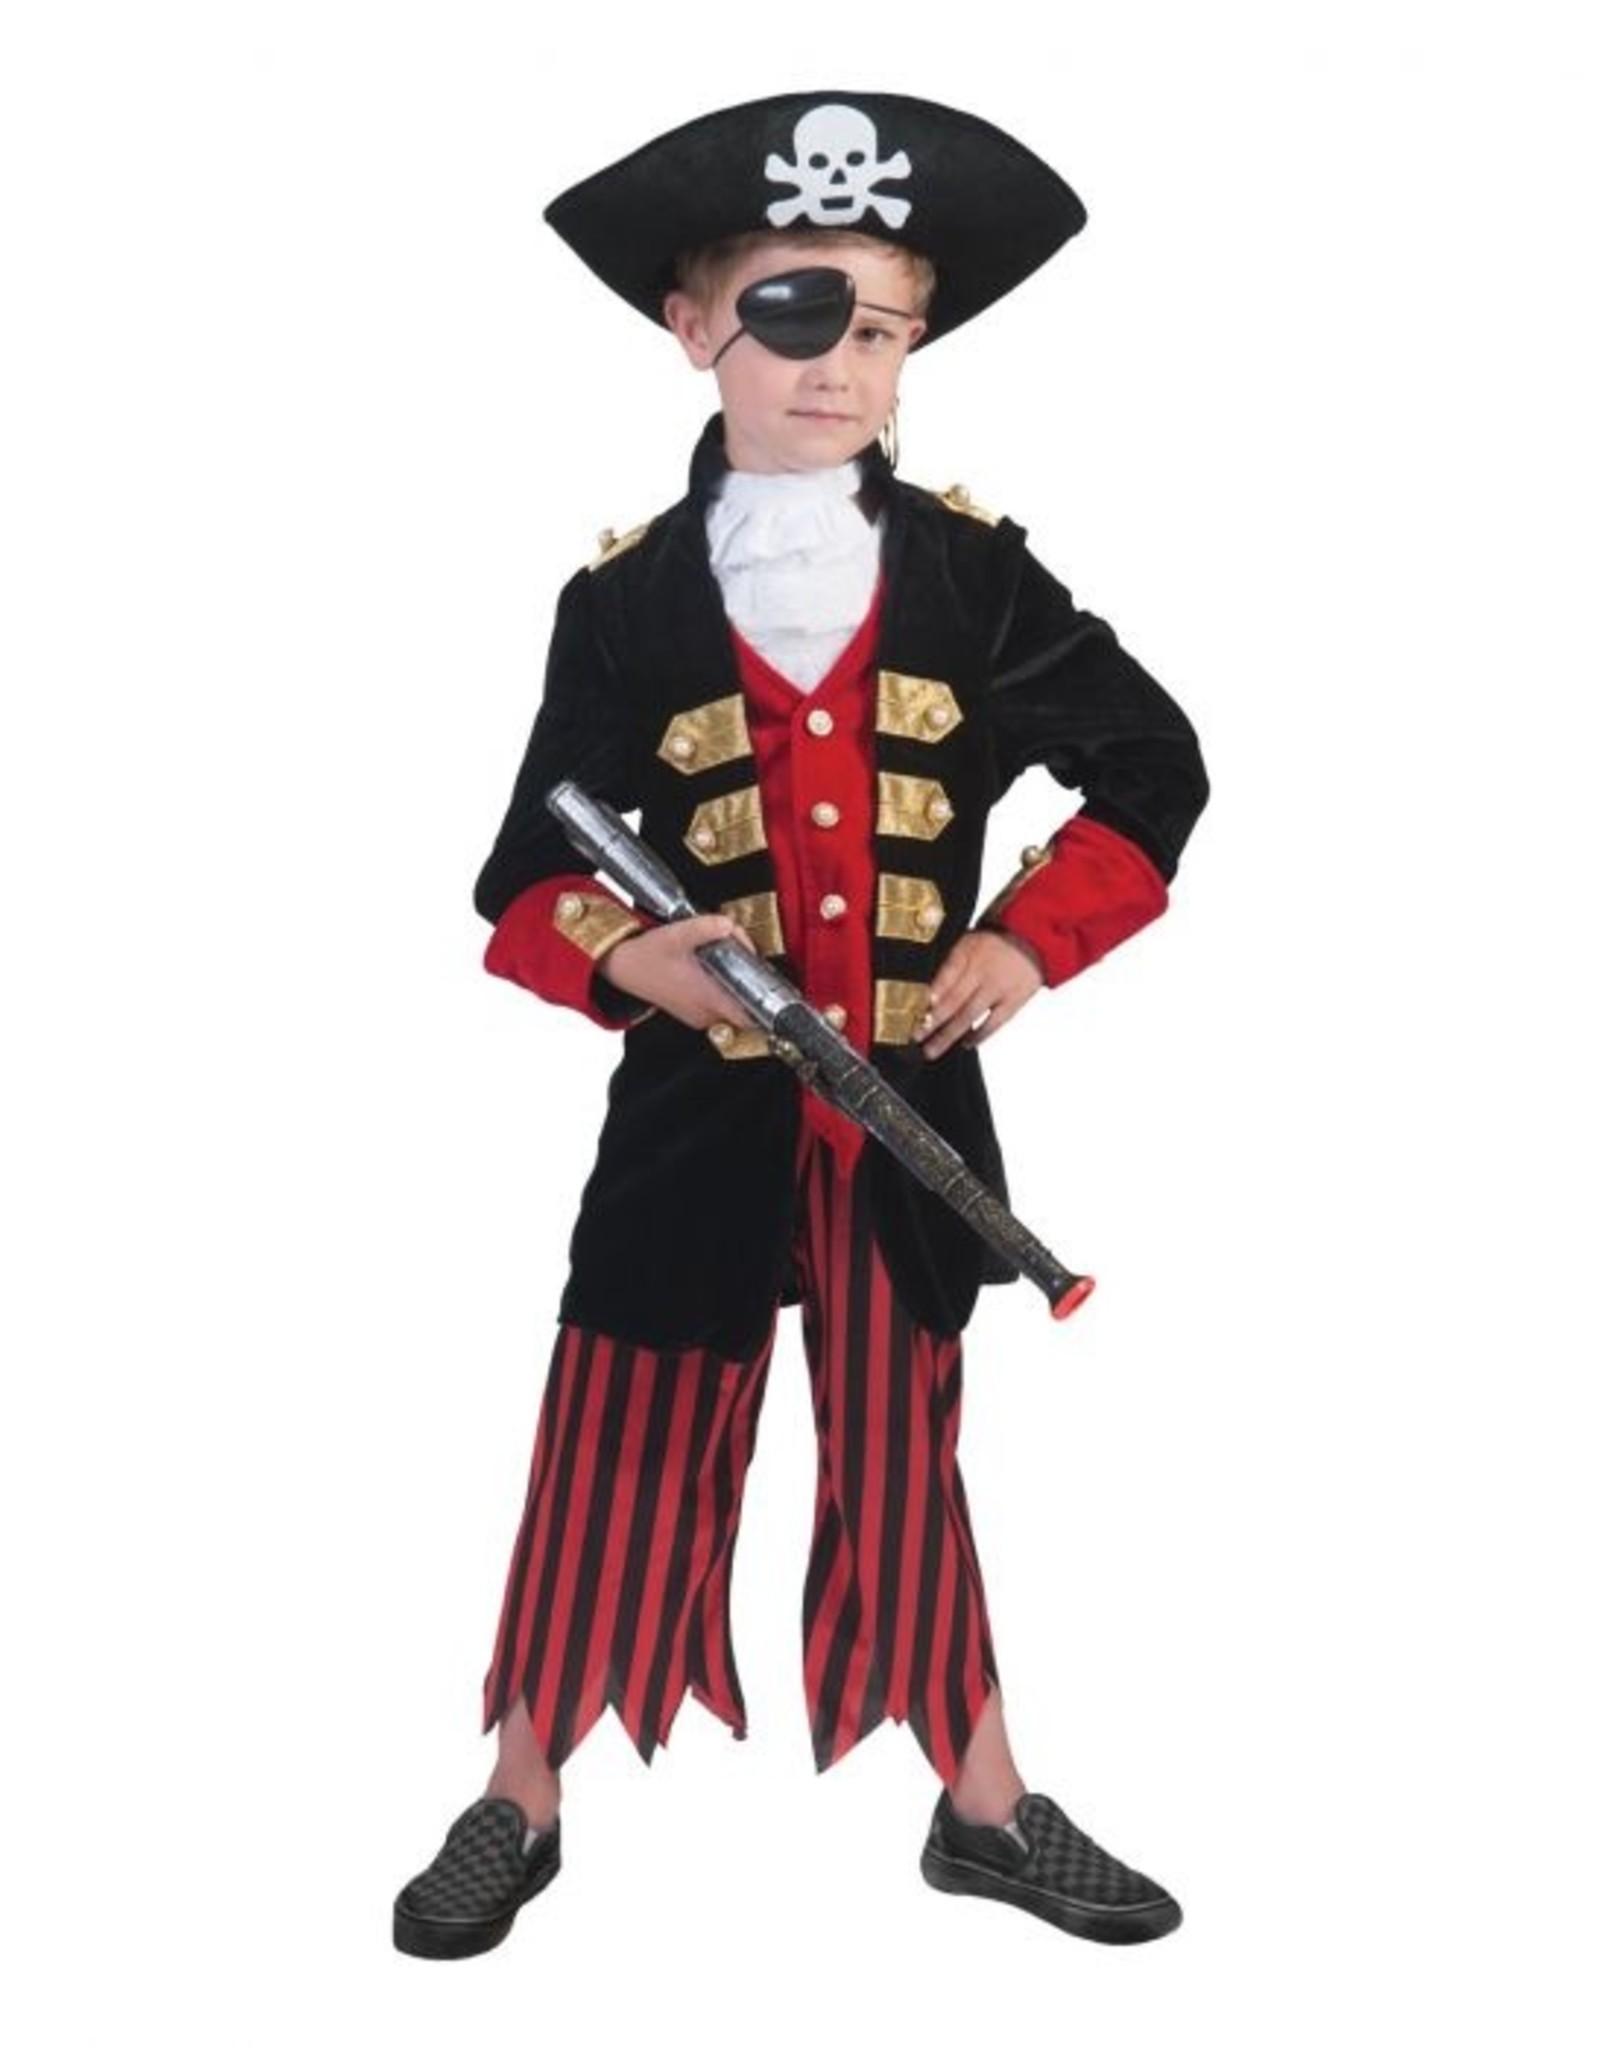 Verrassend Piraten kostuum Florian kind jongen - Handelsonderneming Bomhoff PG-12